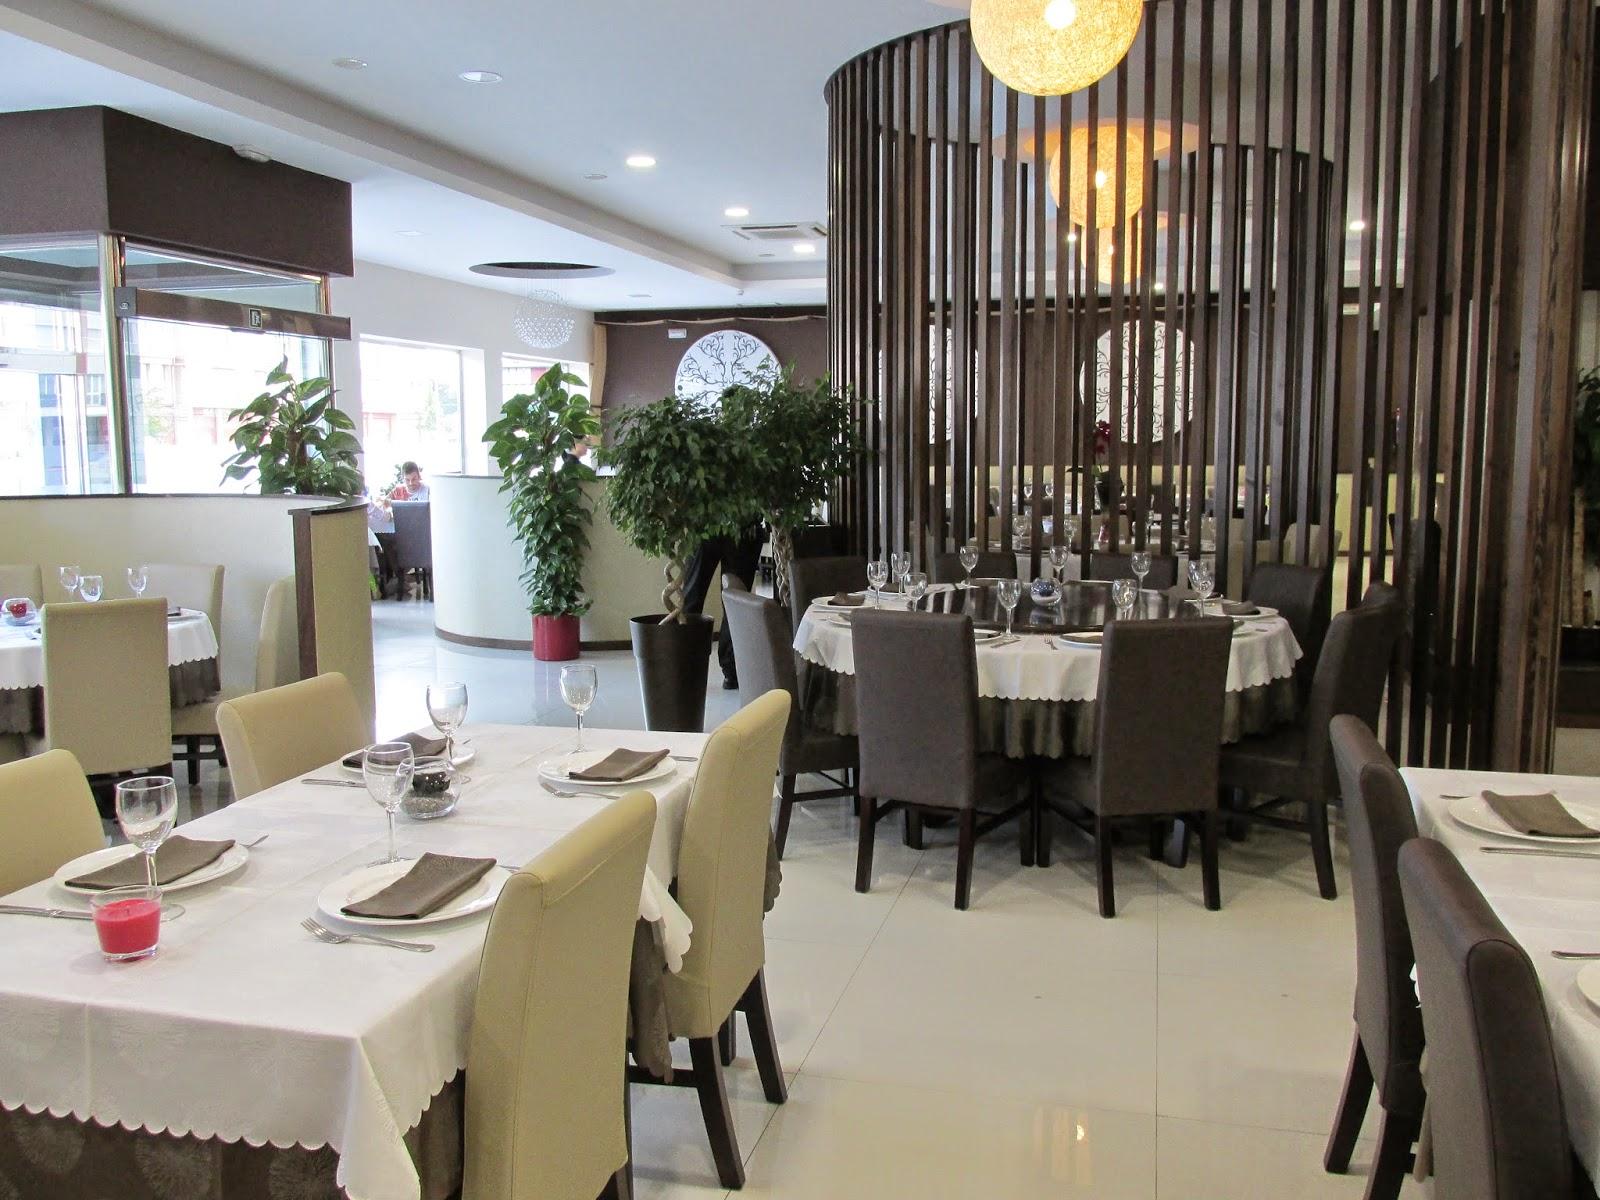 Jard n chino leioa for Restaurante chino jardin